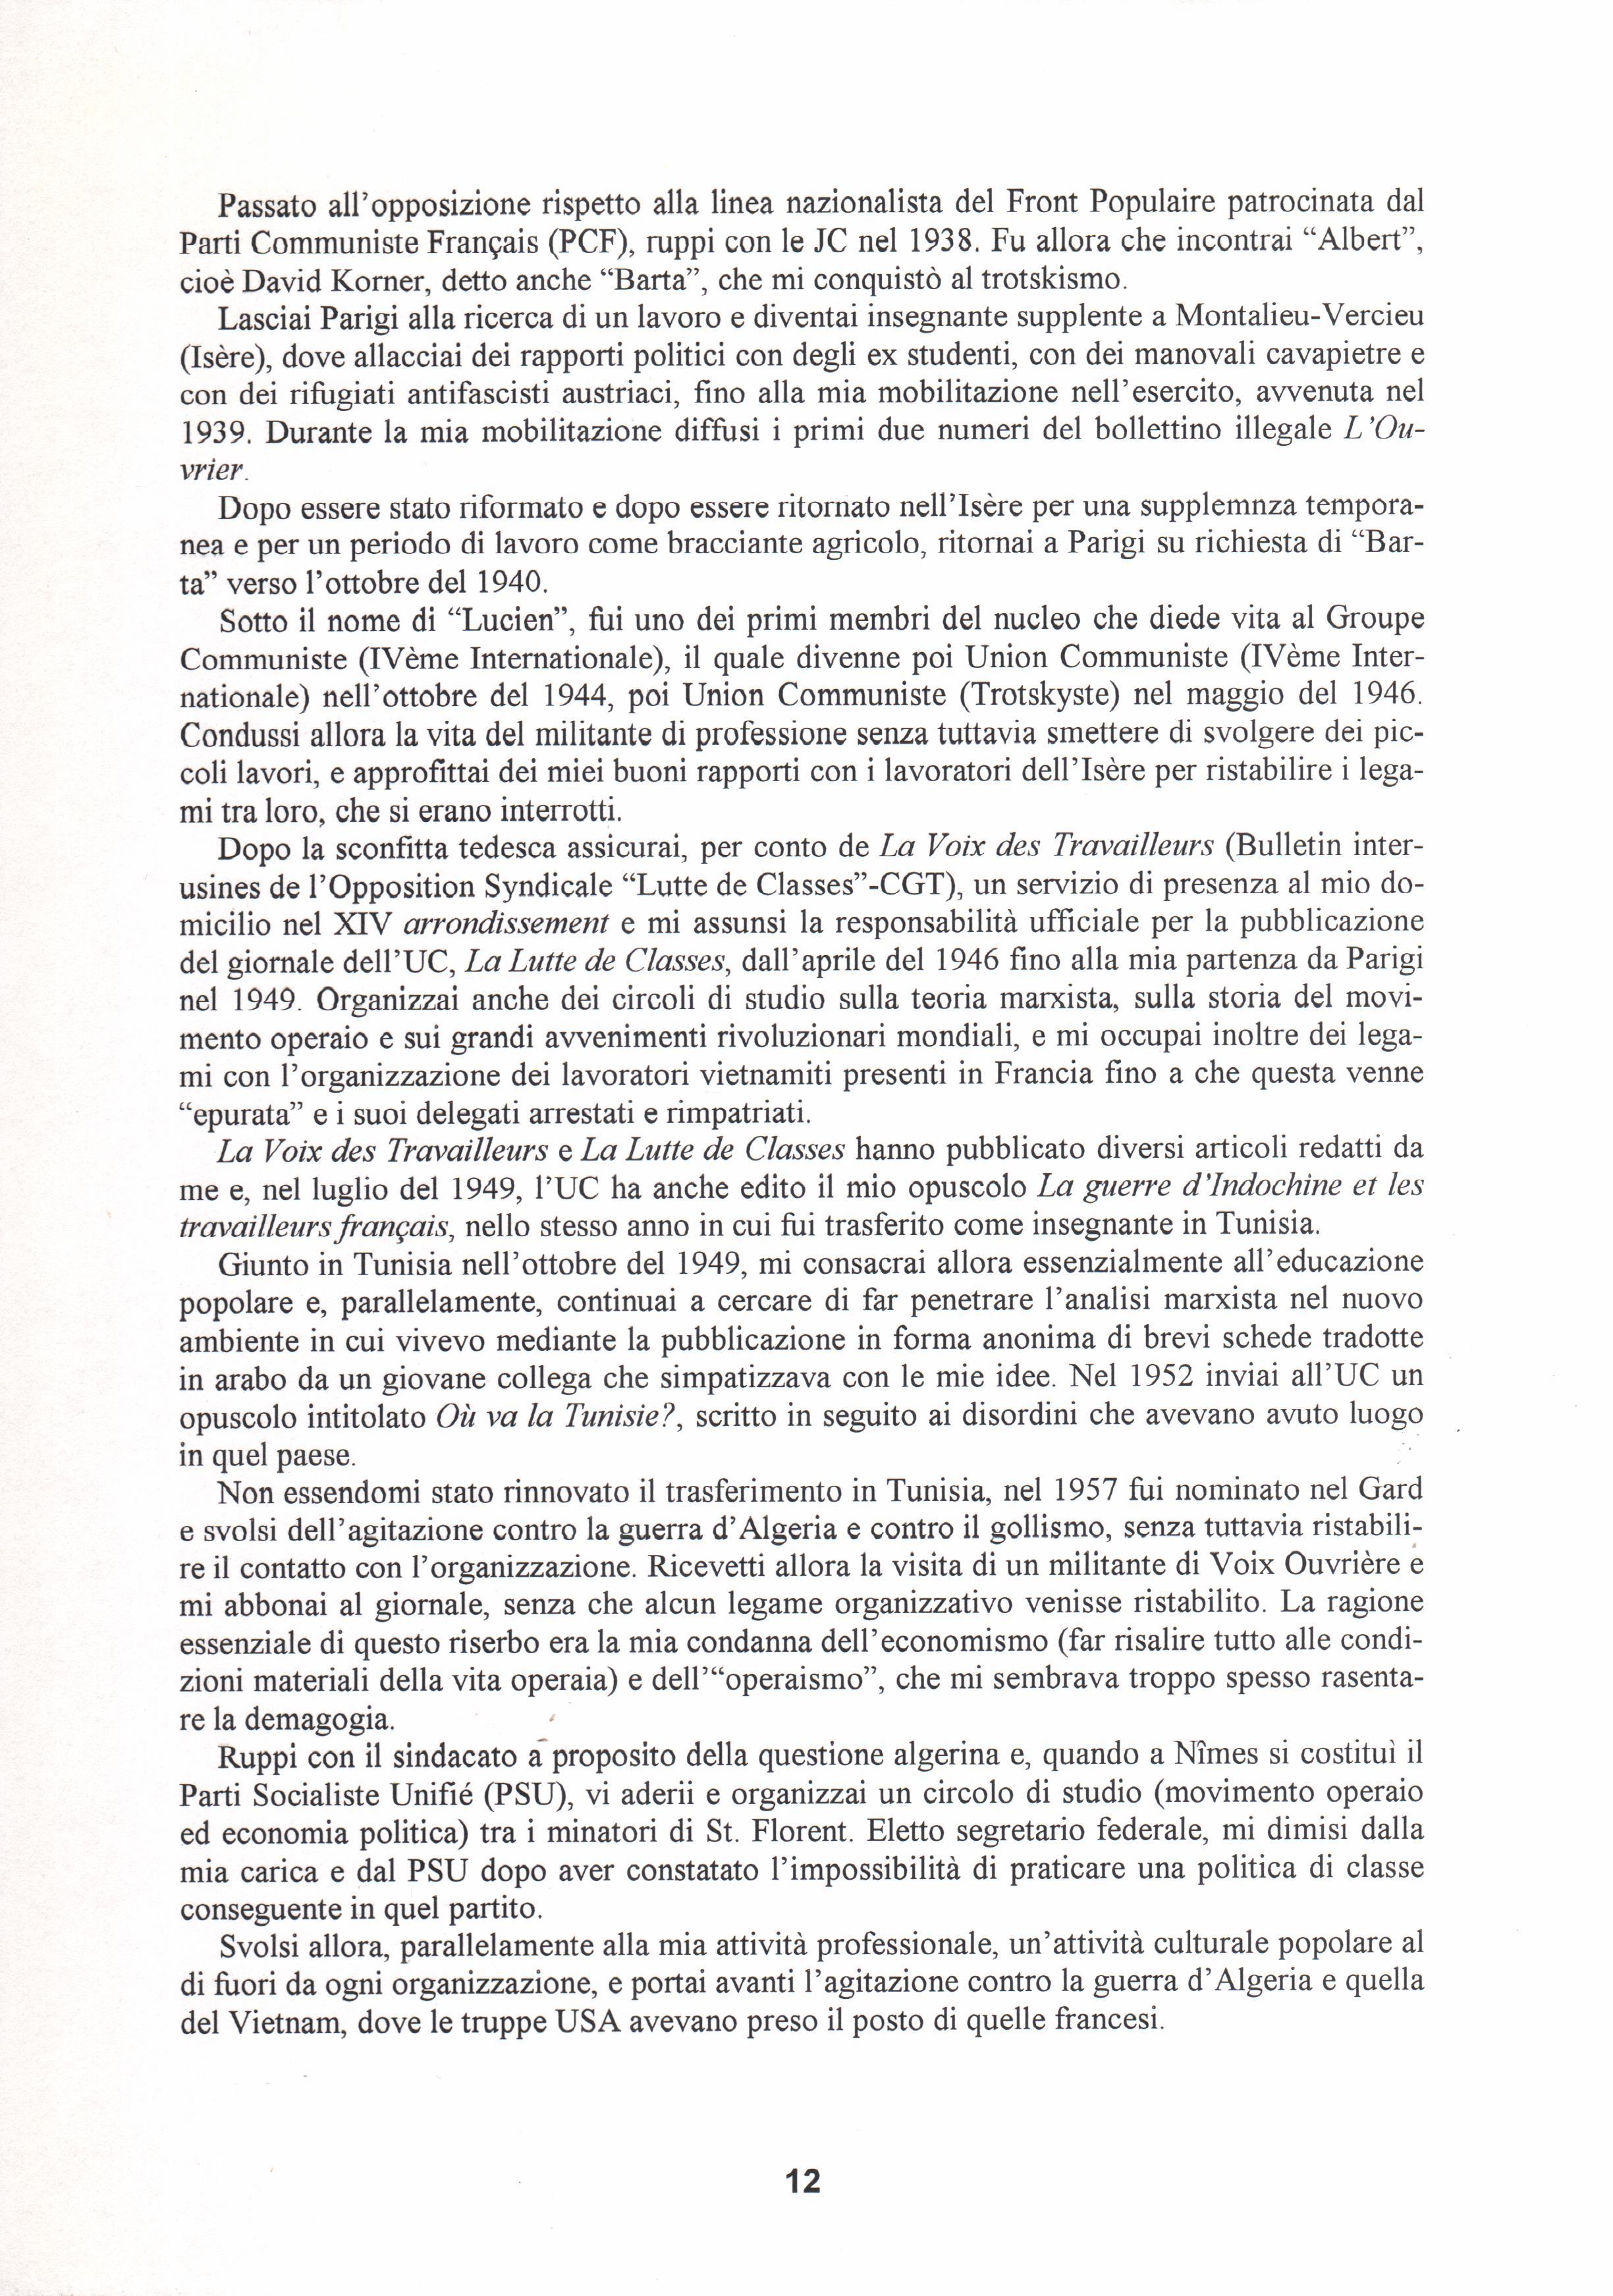 Quaderno n. 20 - pag. 13